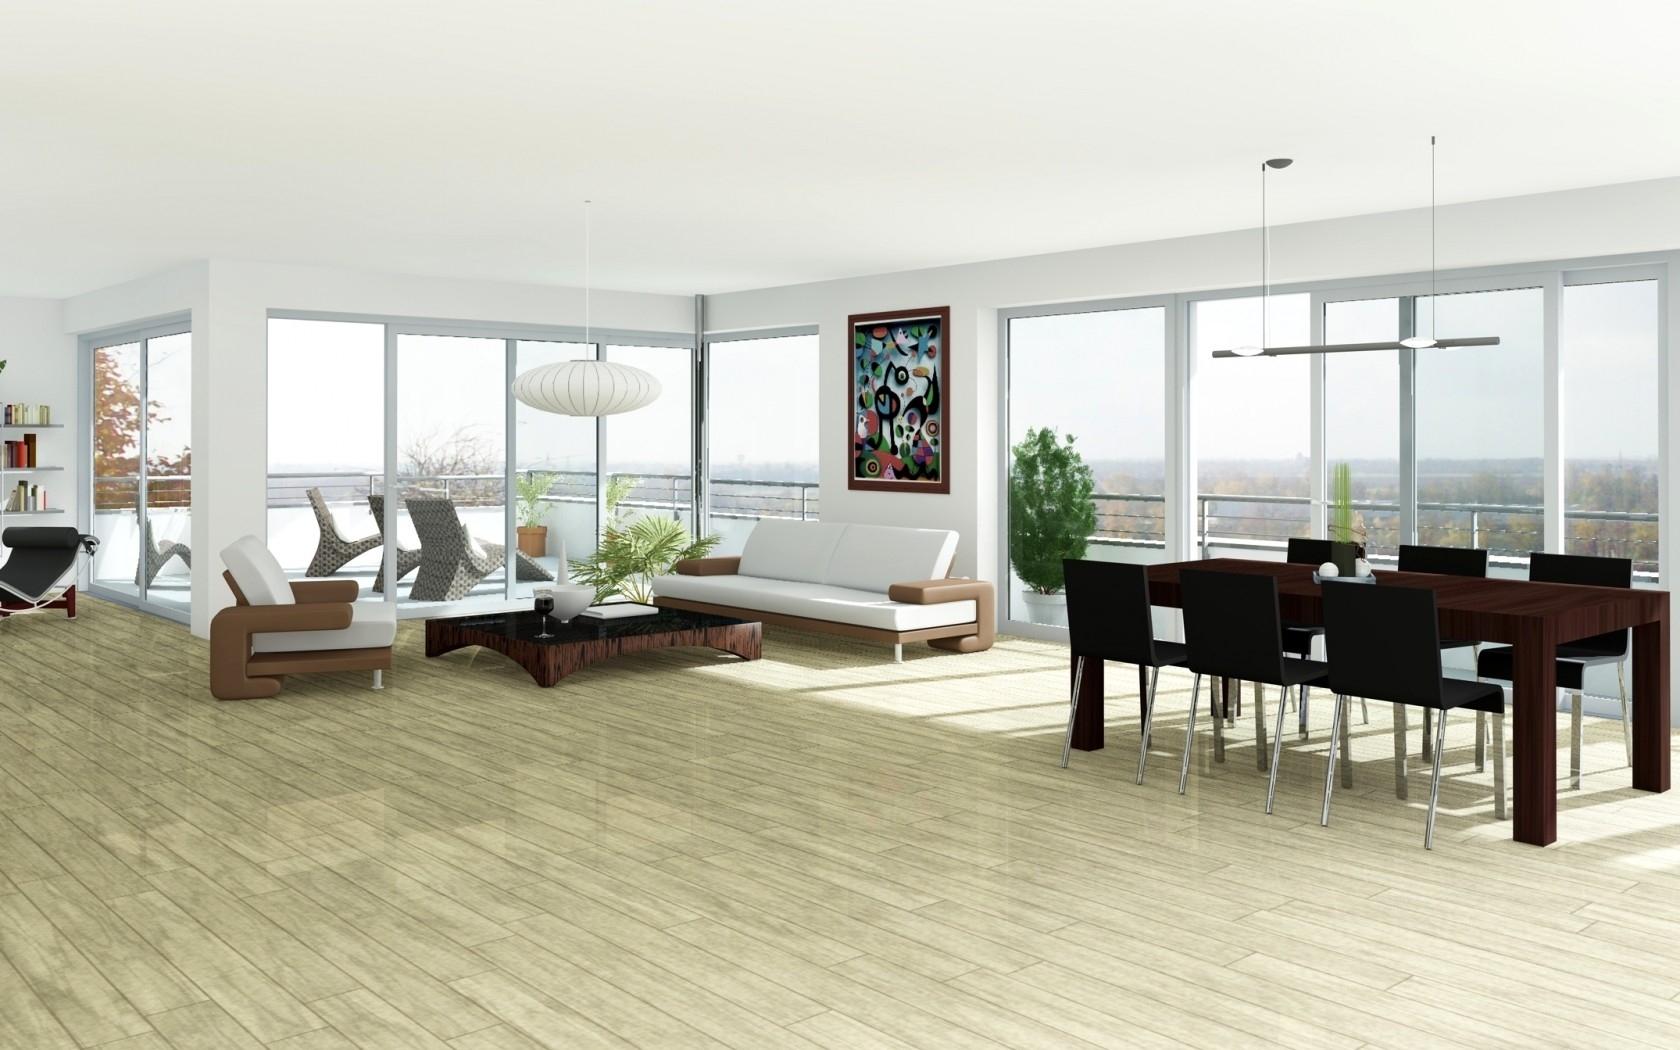 Hintergrundbilder : Zimmer, Innere, Holz, Haus, Innenarchitektur ...